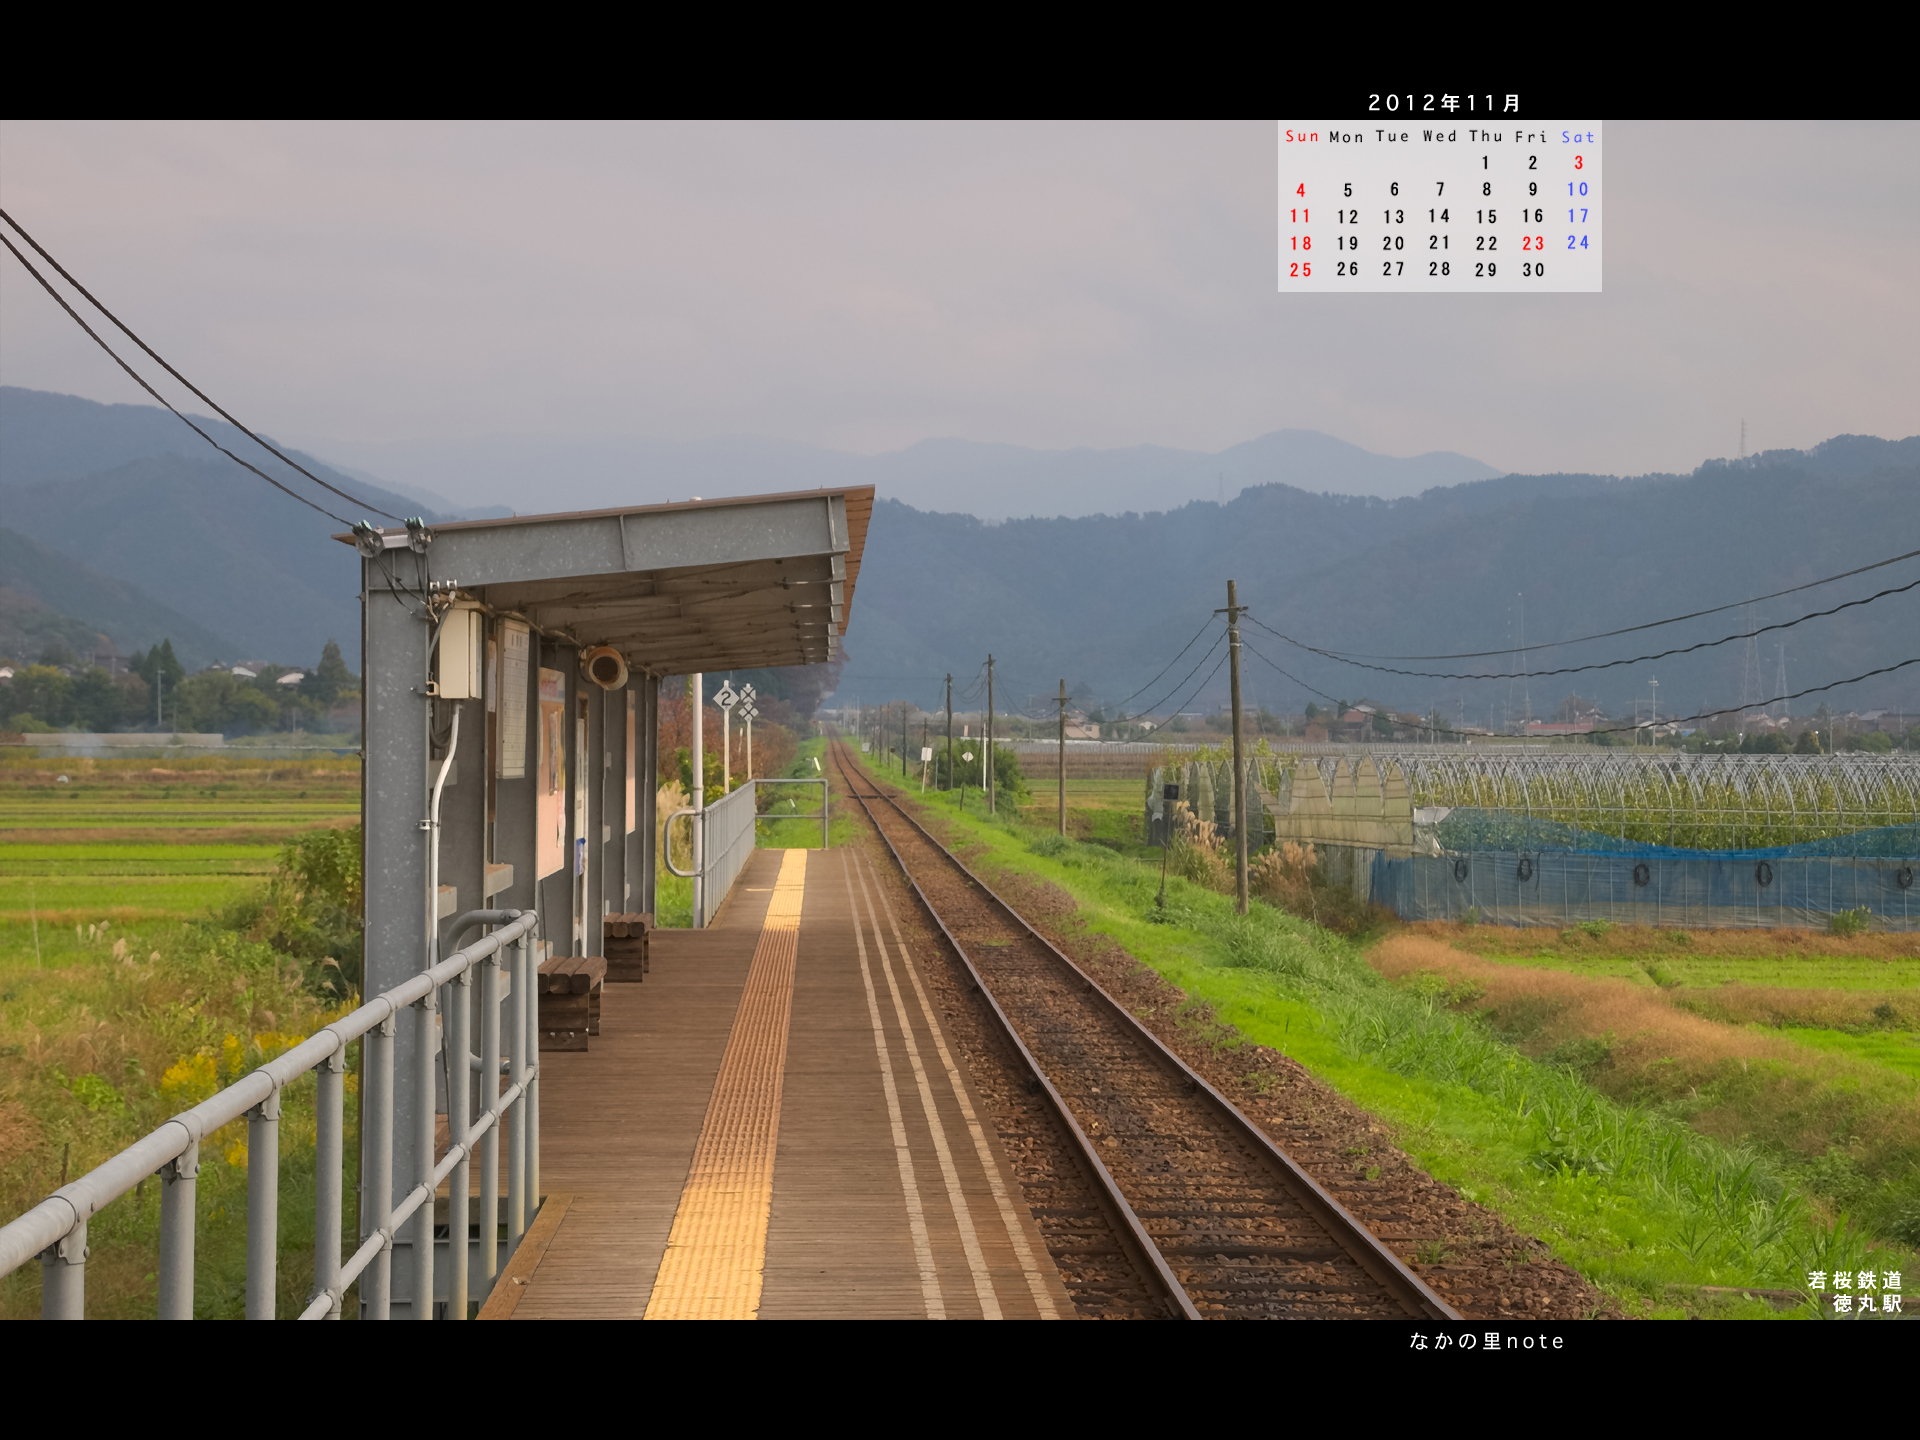 北播磨ローカルネットワーク